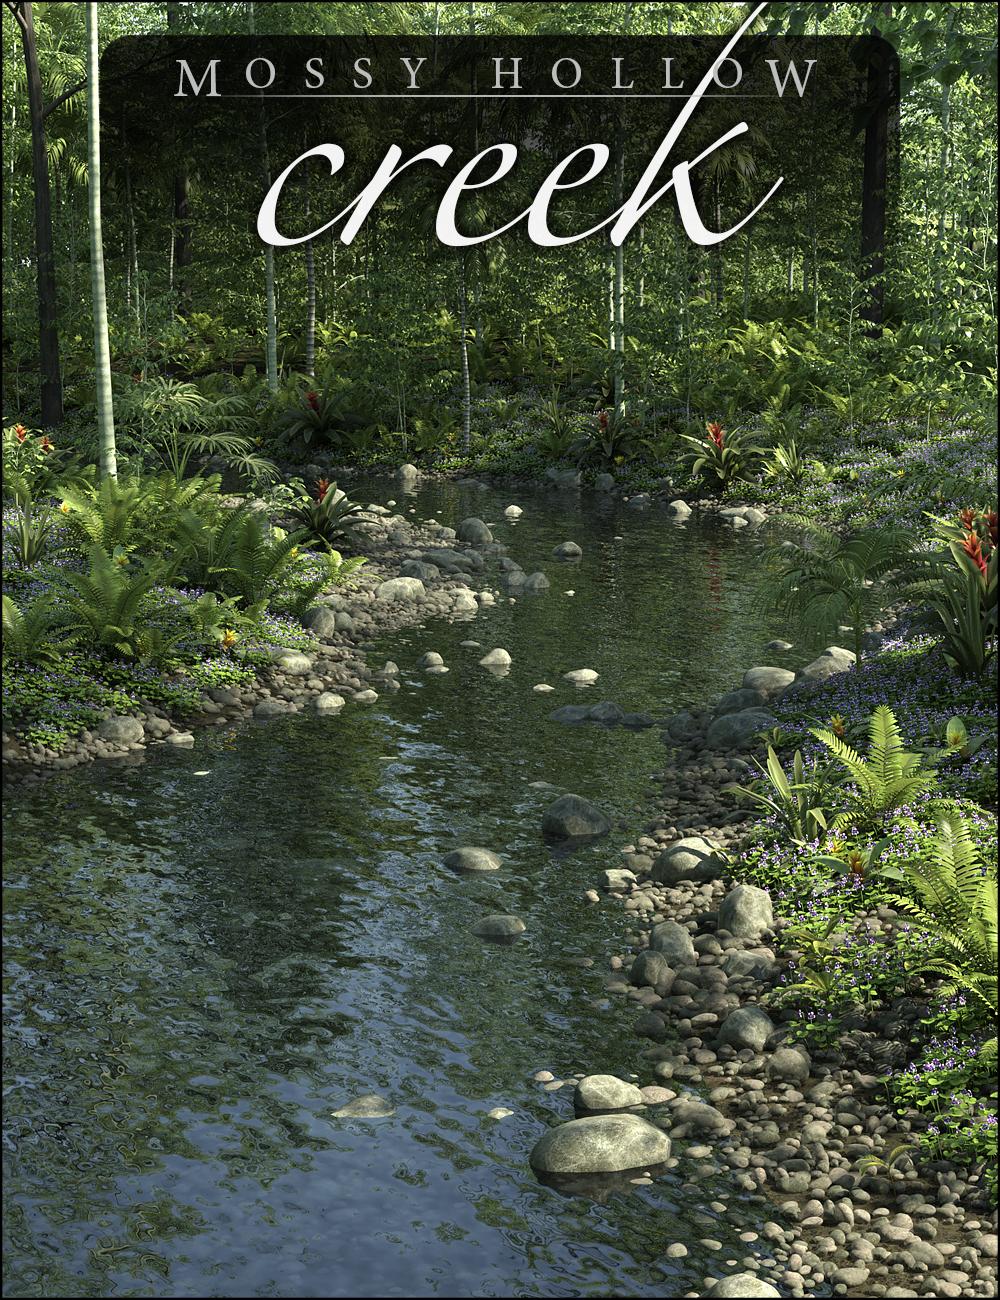 Mossy Hollow Creek by: HowieFarkes, 3D Models by Daz 3D